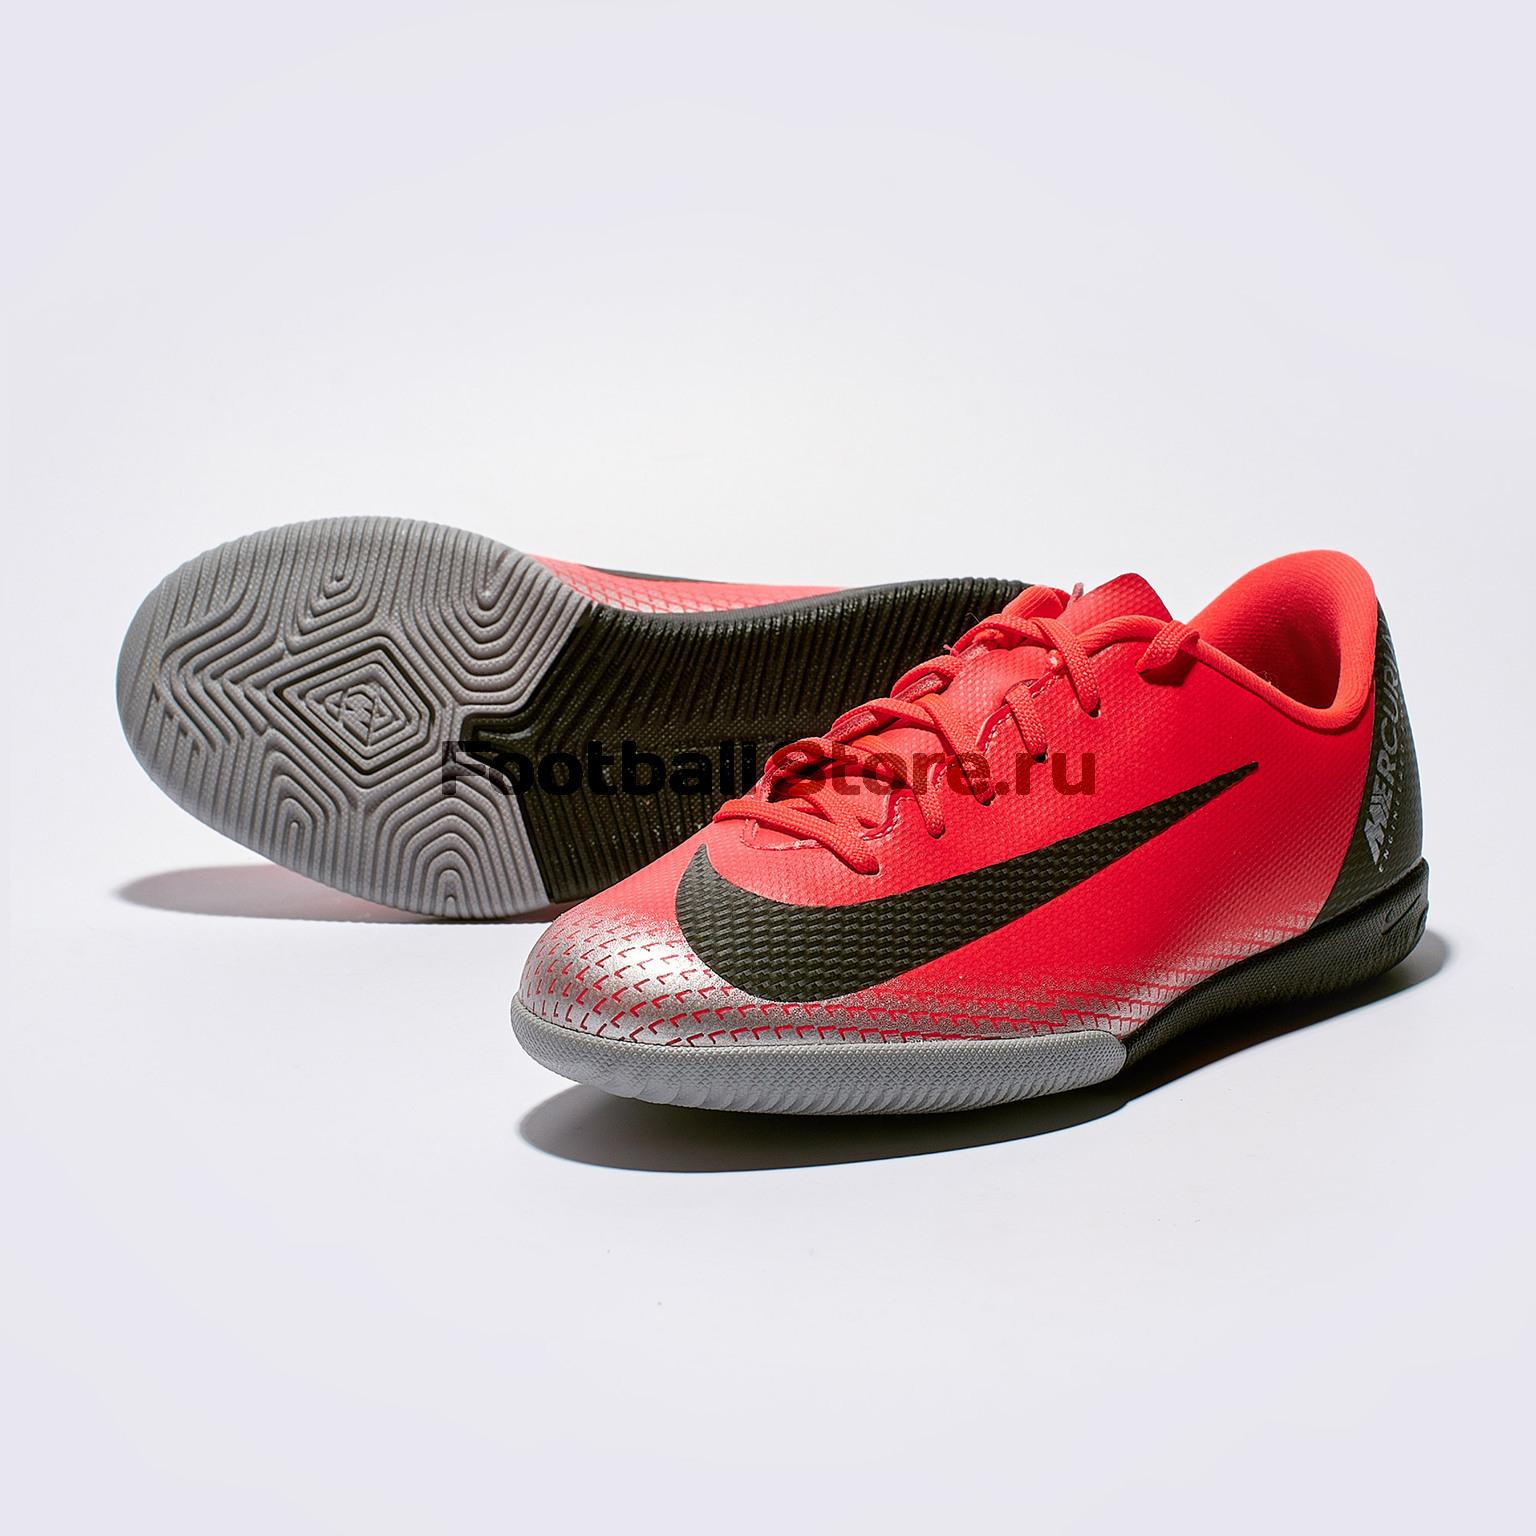 Футзалки детские Nike JR Vapor 12 Academy GS CR7 IC AJ3099-600 бутсы детские nike vapor 12 academy gs sg ah7348 001